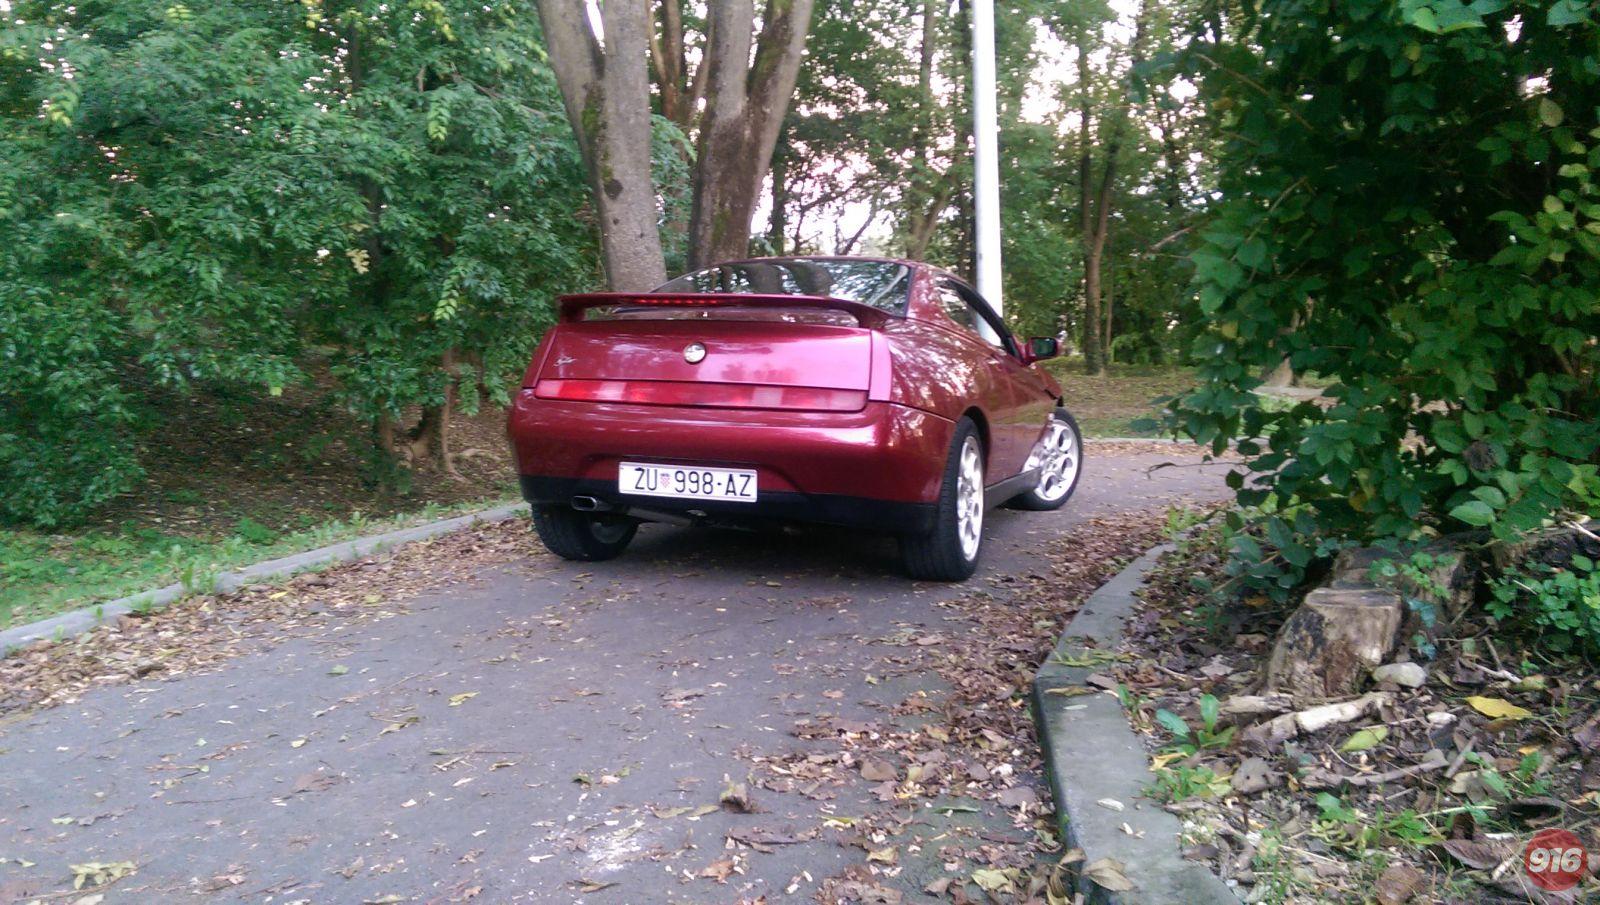 GTV autumn